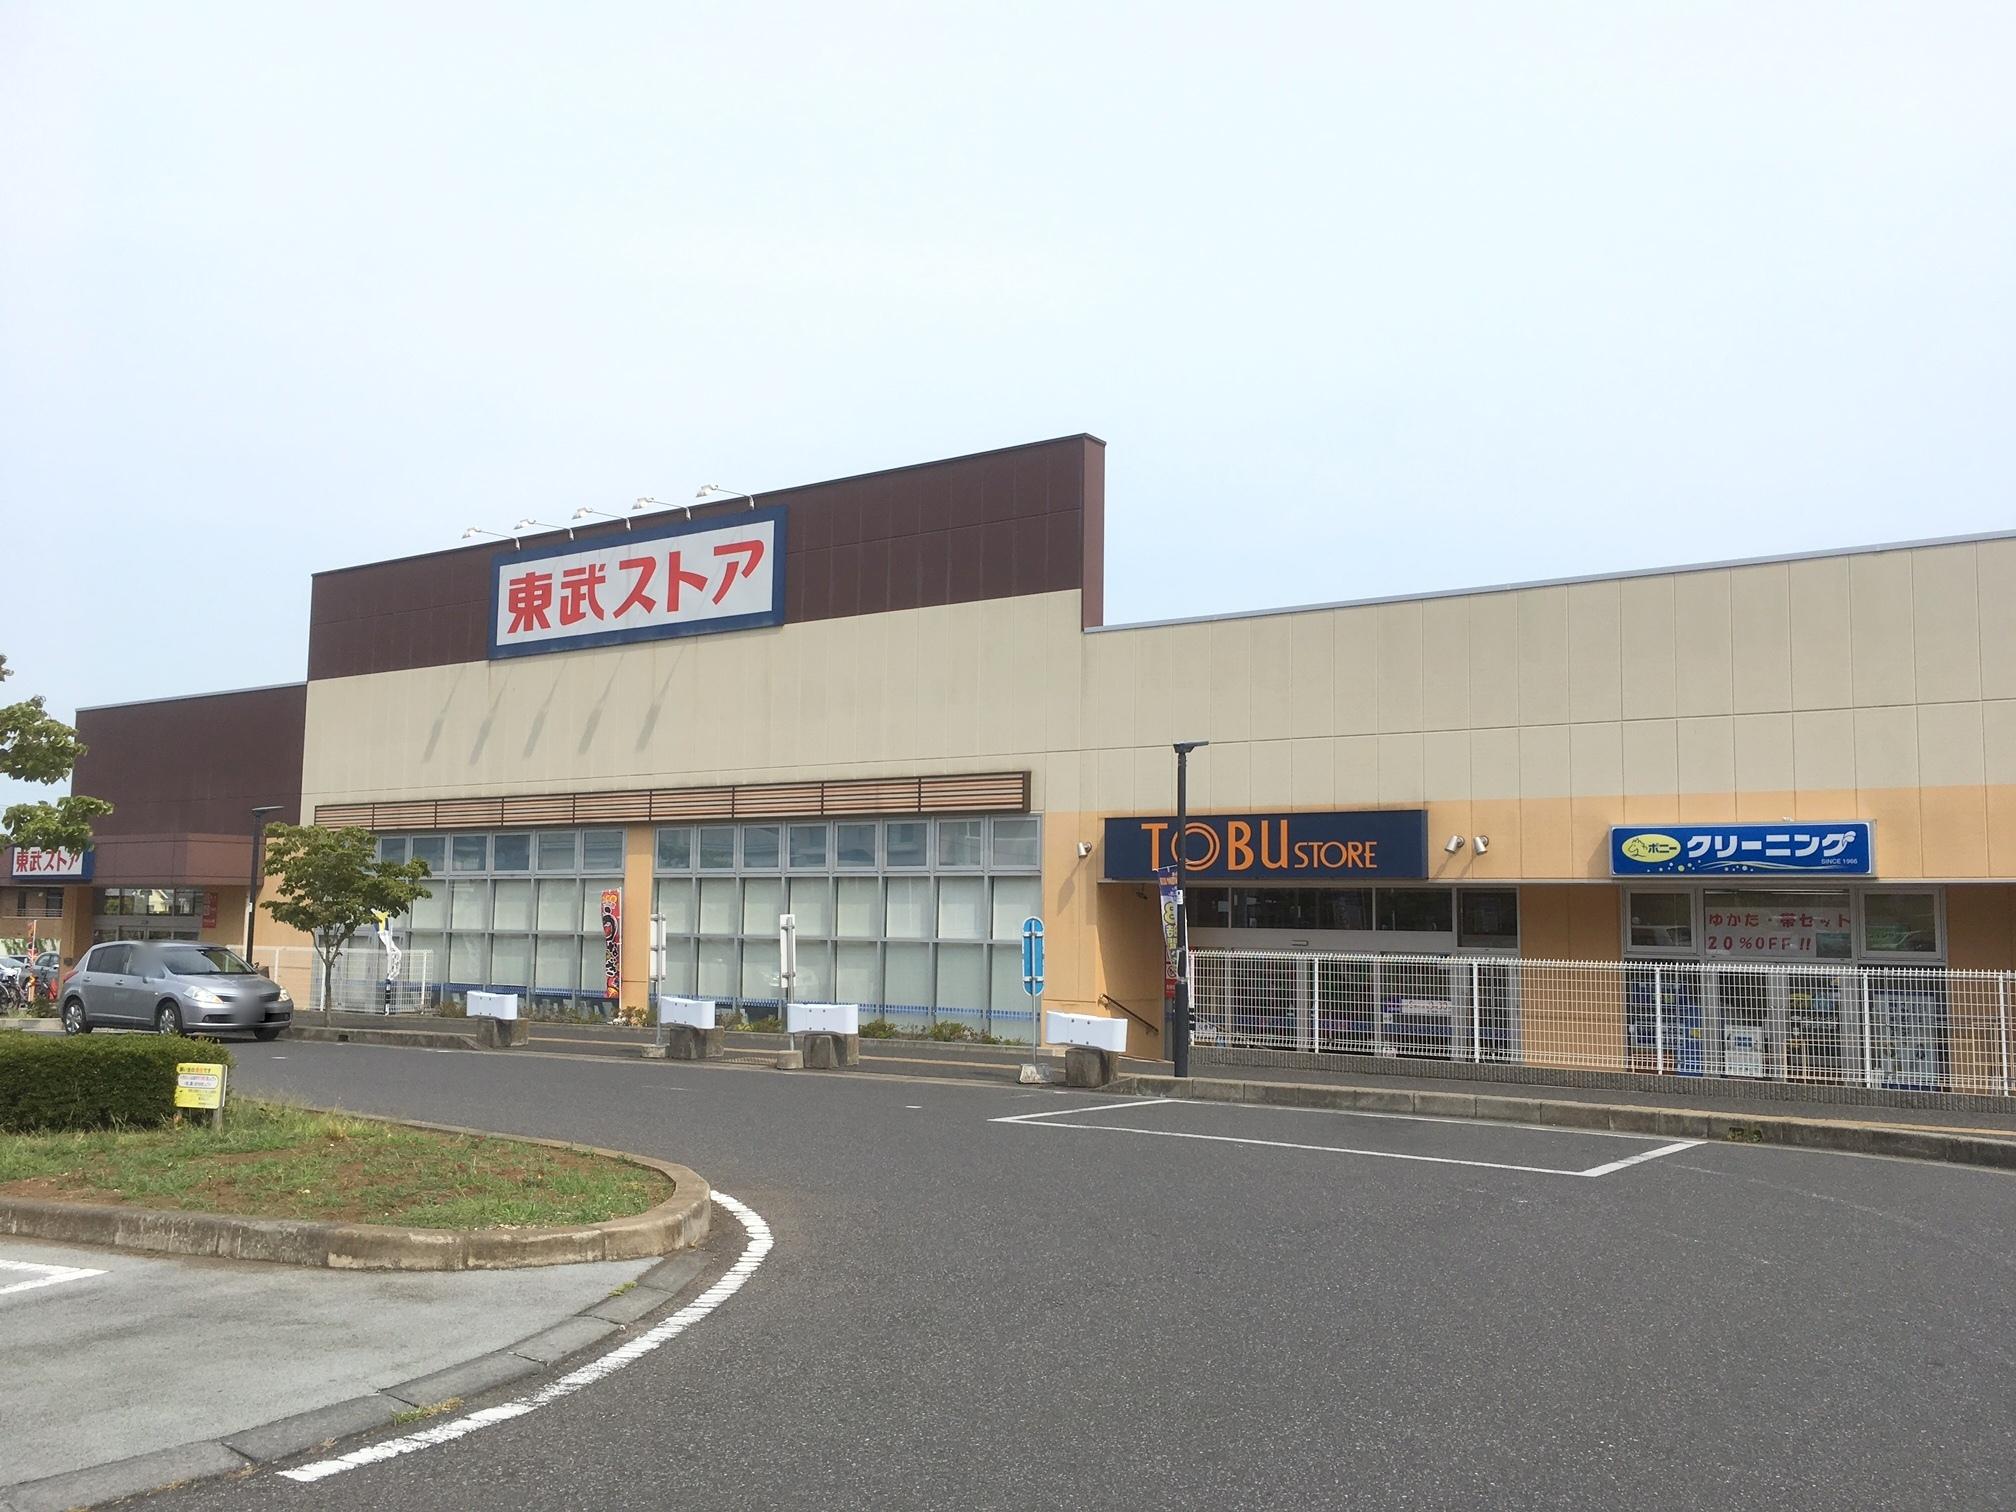 スーパー:東武ストア逆井店 512m